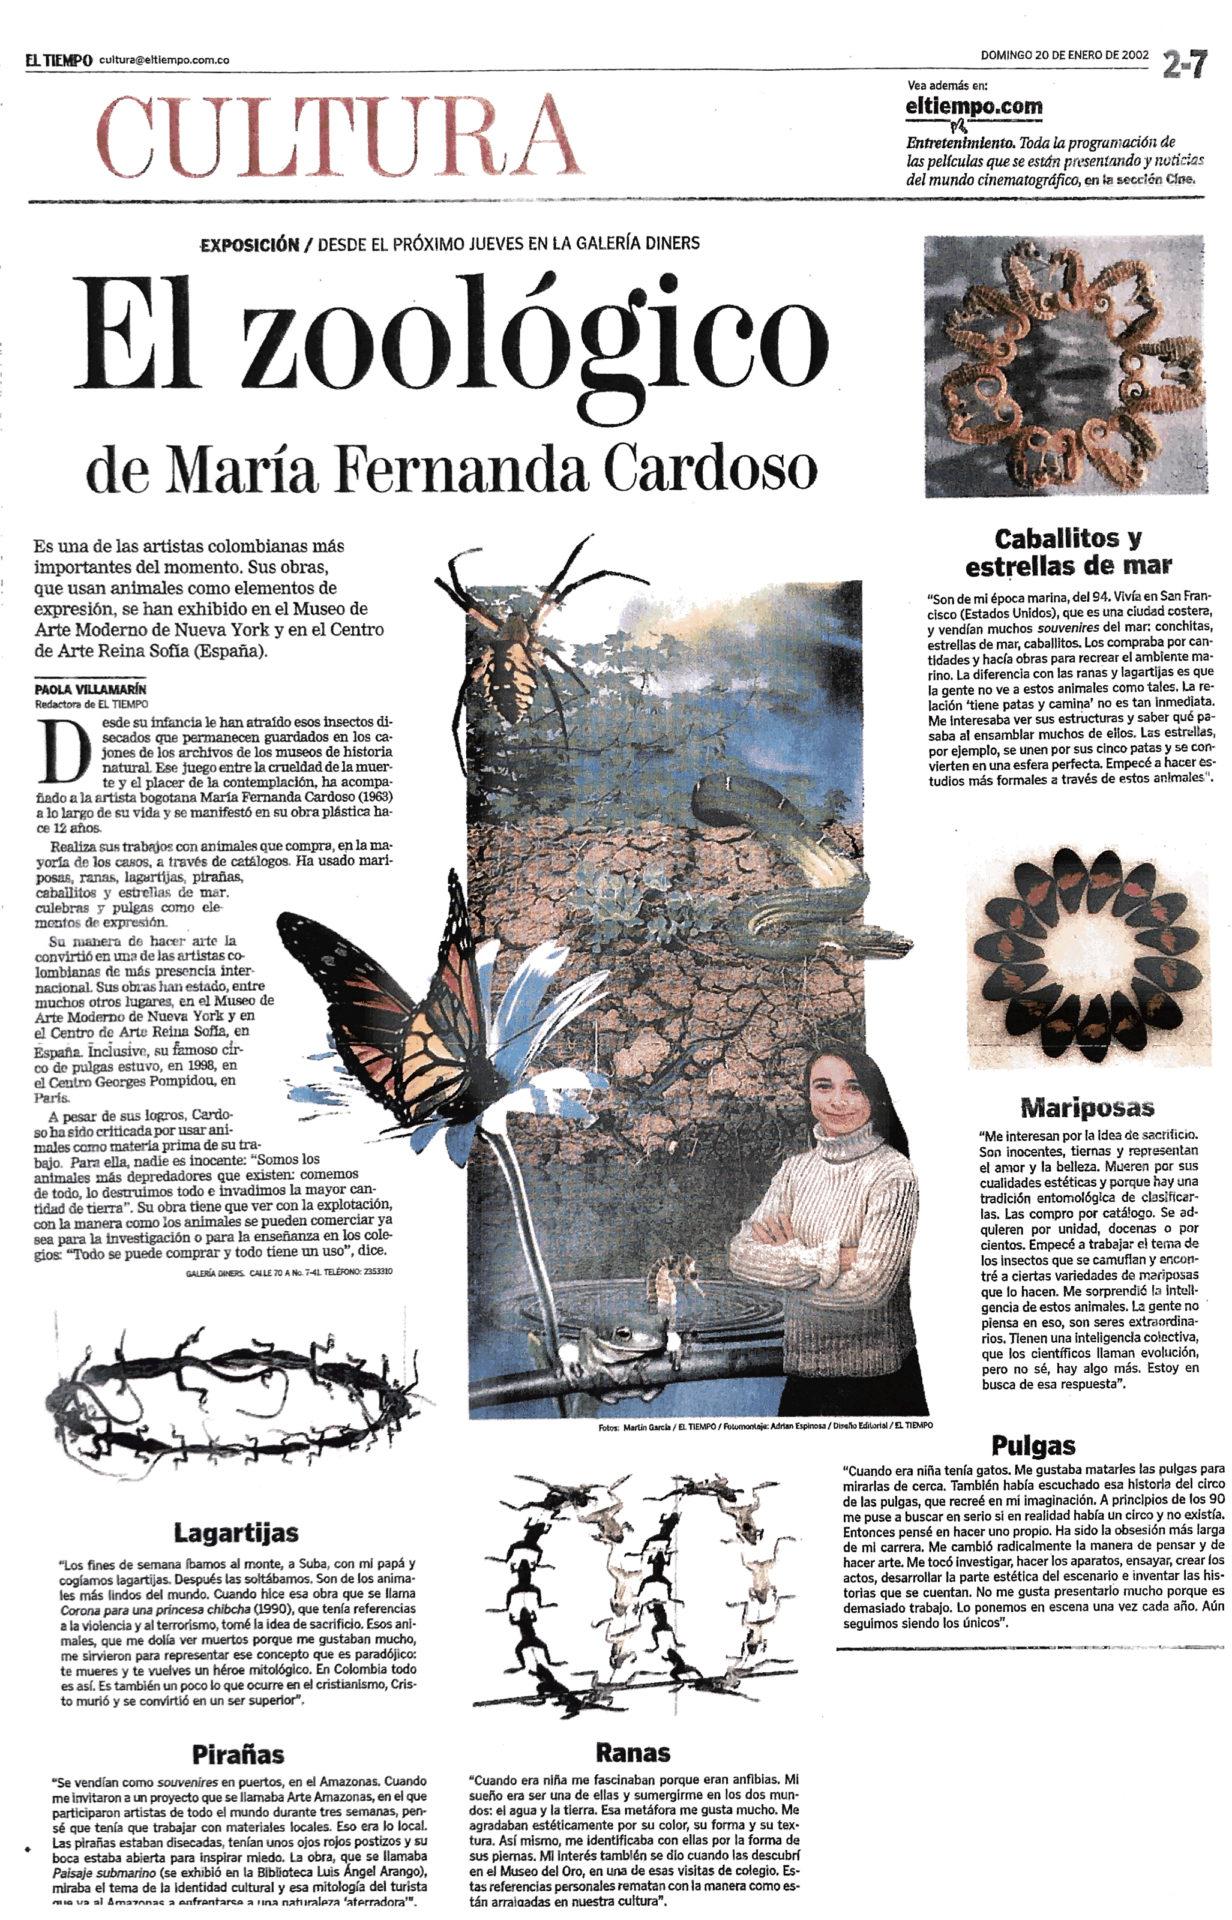 EL TIEMPO. (2002). El zoológico de María Fernanda Cardoso. Periódico El Tiempo. Domingo 20 de enero, 2002.